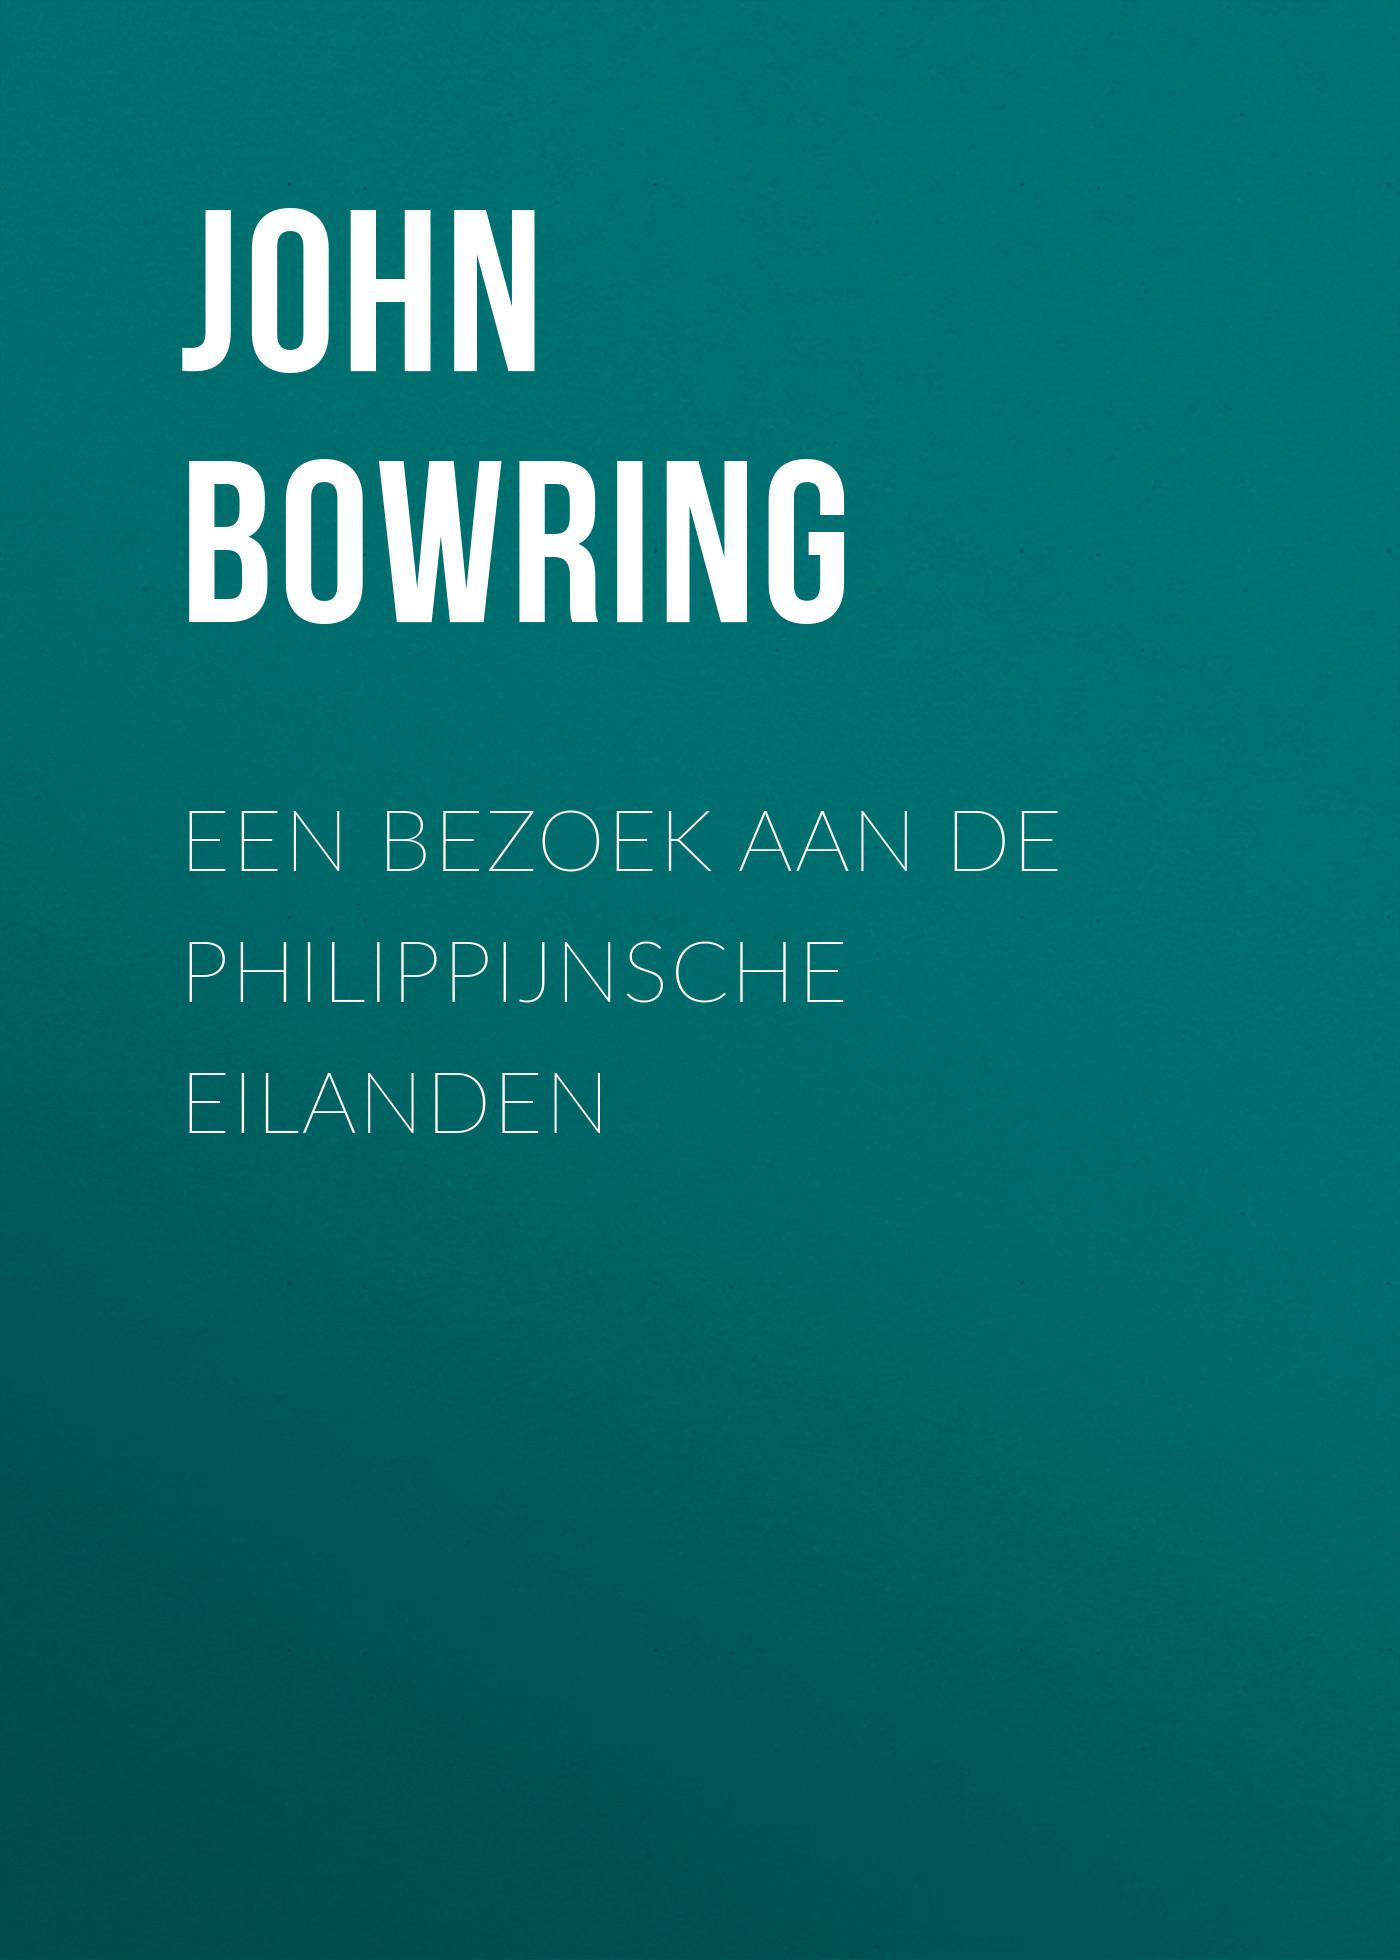 цена Bowring John Een Bezoek aan de Philippijnsche Eilanden